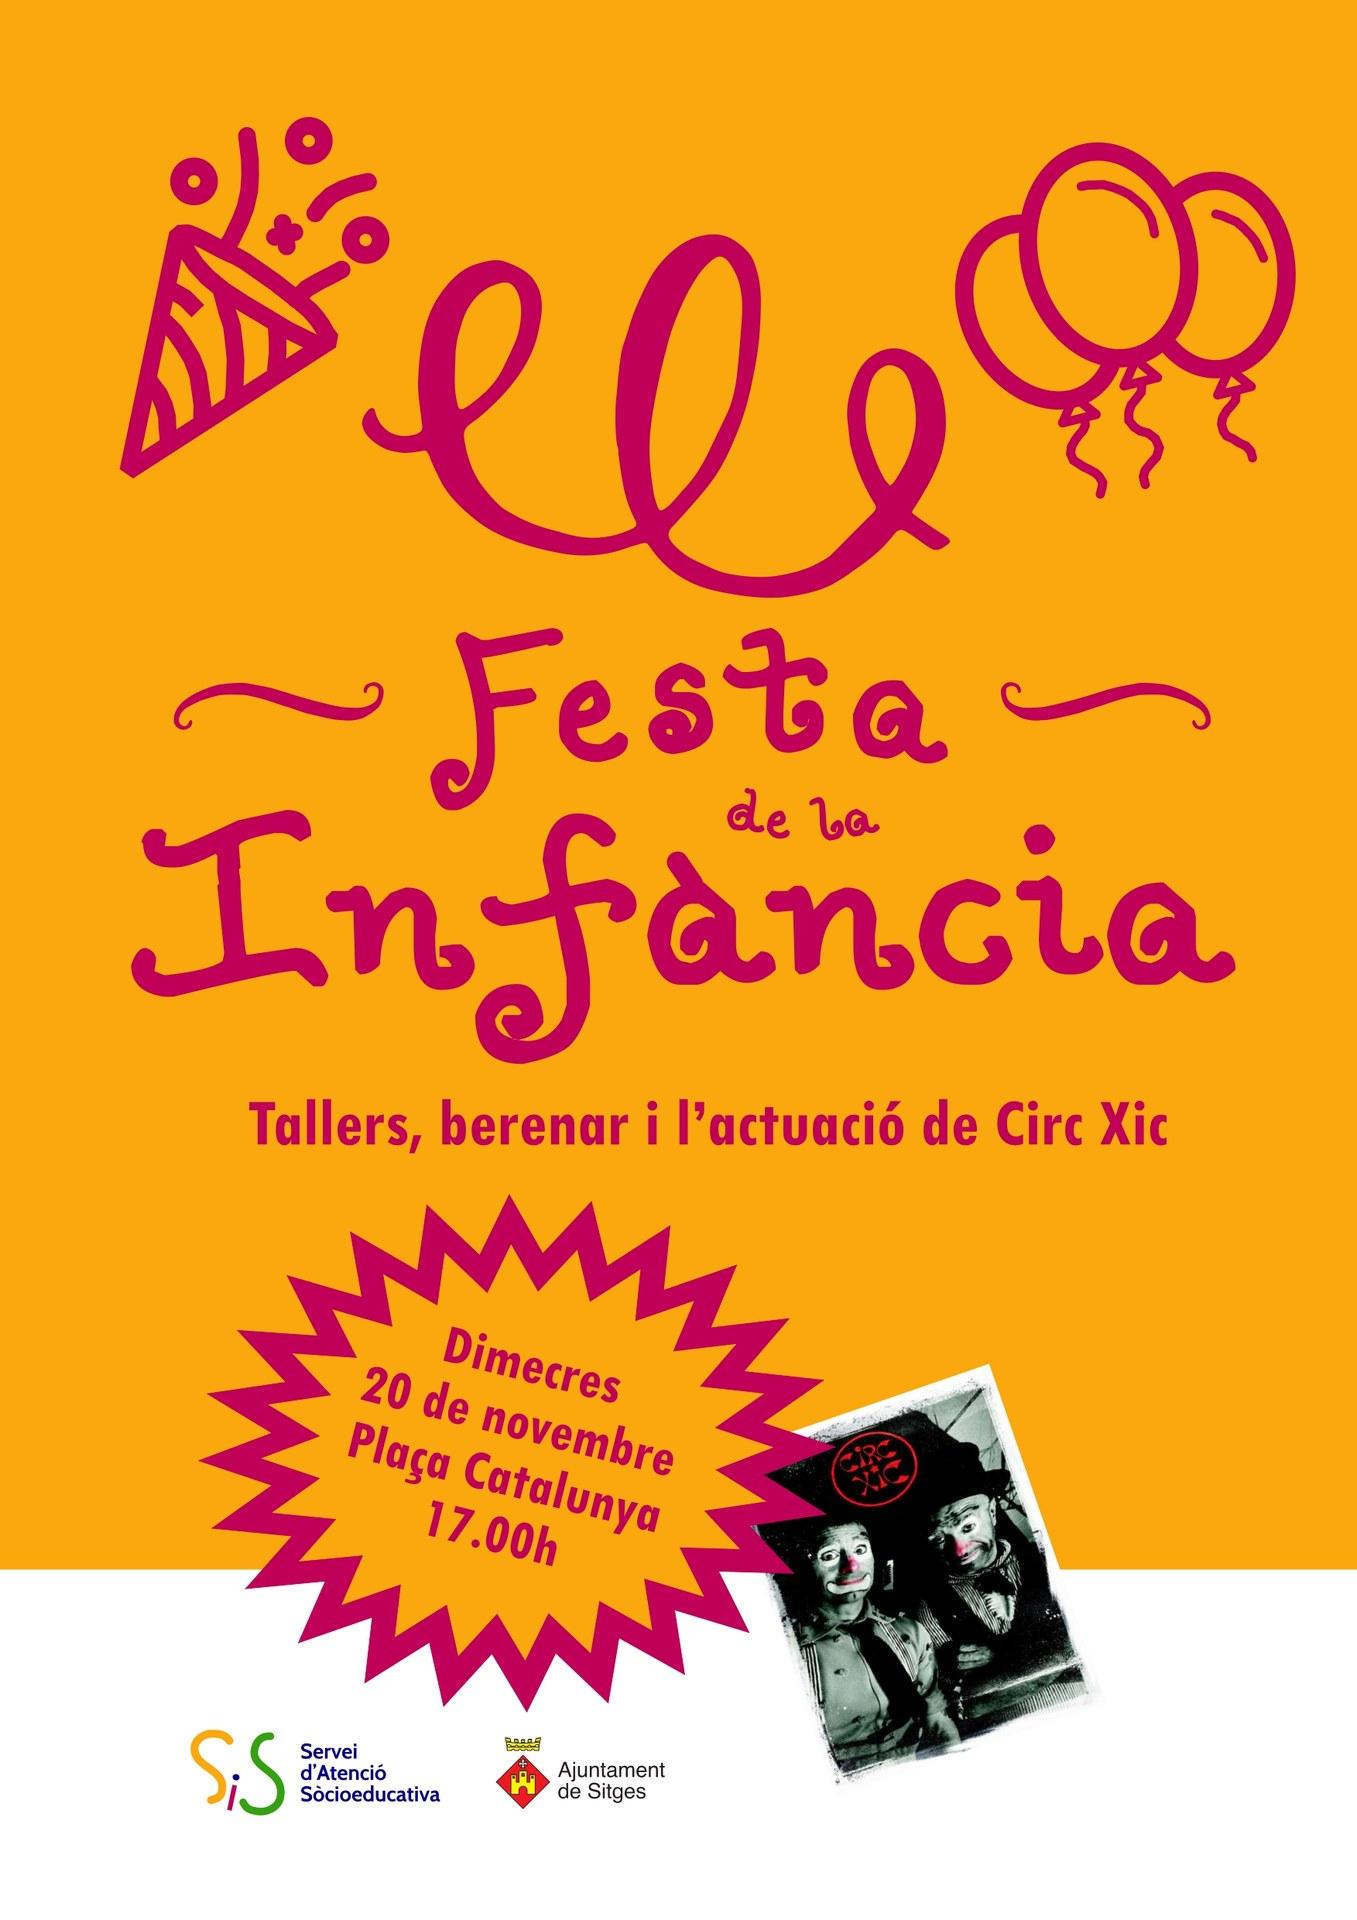 Festa de la Infància - Dimecres 20 de novembre a les 17h a Plaça Catalunya